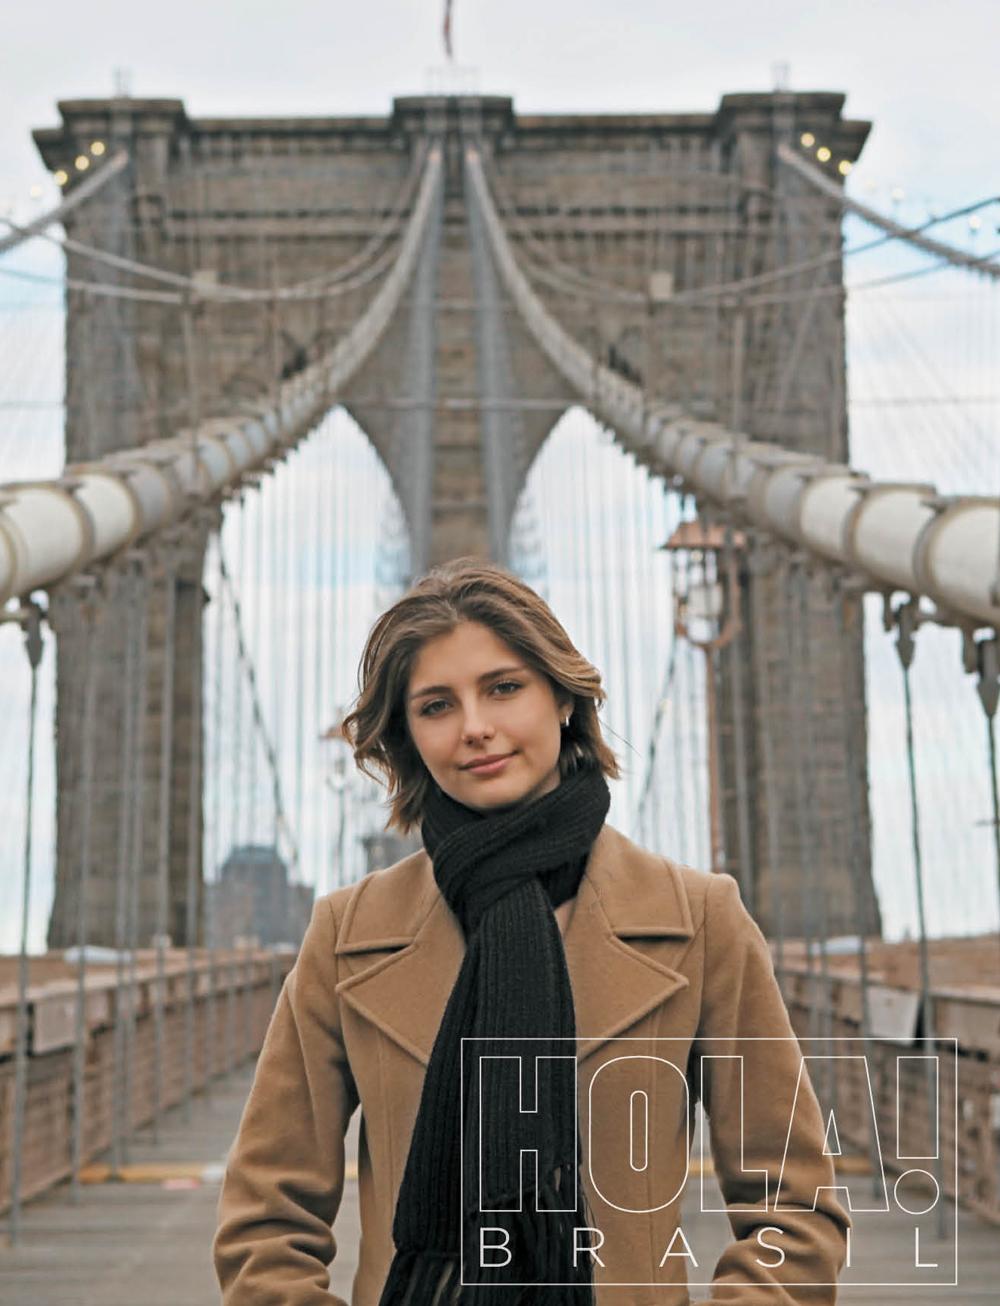 http://1.bp.blogspot.com/-creE6urxsqc/TcGlG1kvlmI/AAAAAAAAJZk/buHGUnYv64s/s1600/TAMMY+CALAFIORI+NY.jpg